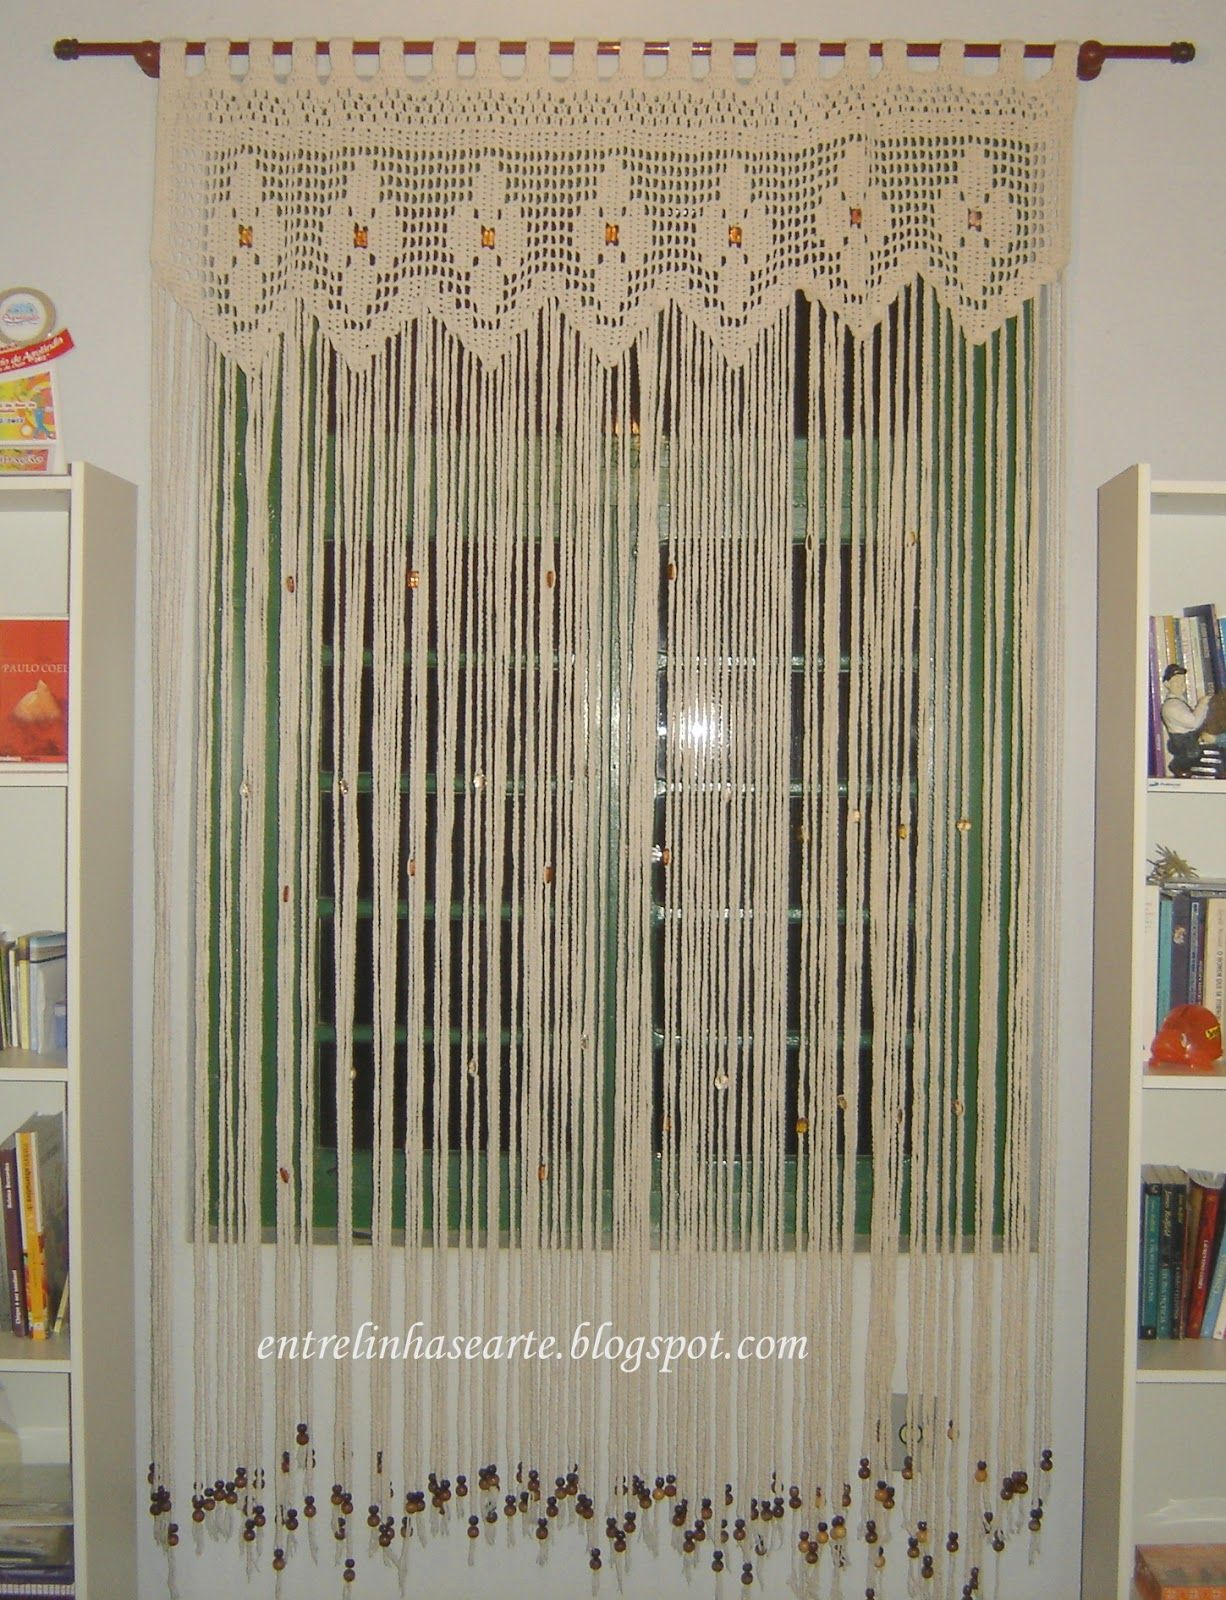 Entre Linhas E Arte Cortina De Barbante De Croch Crochet